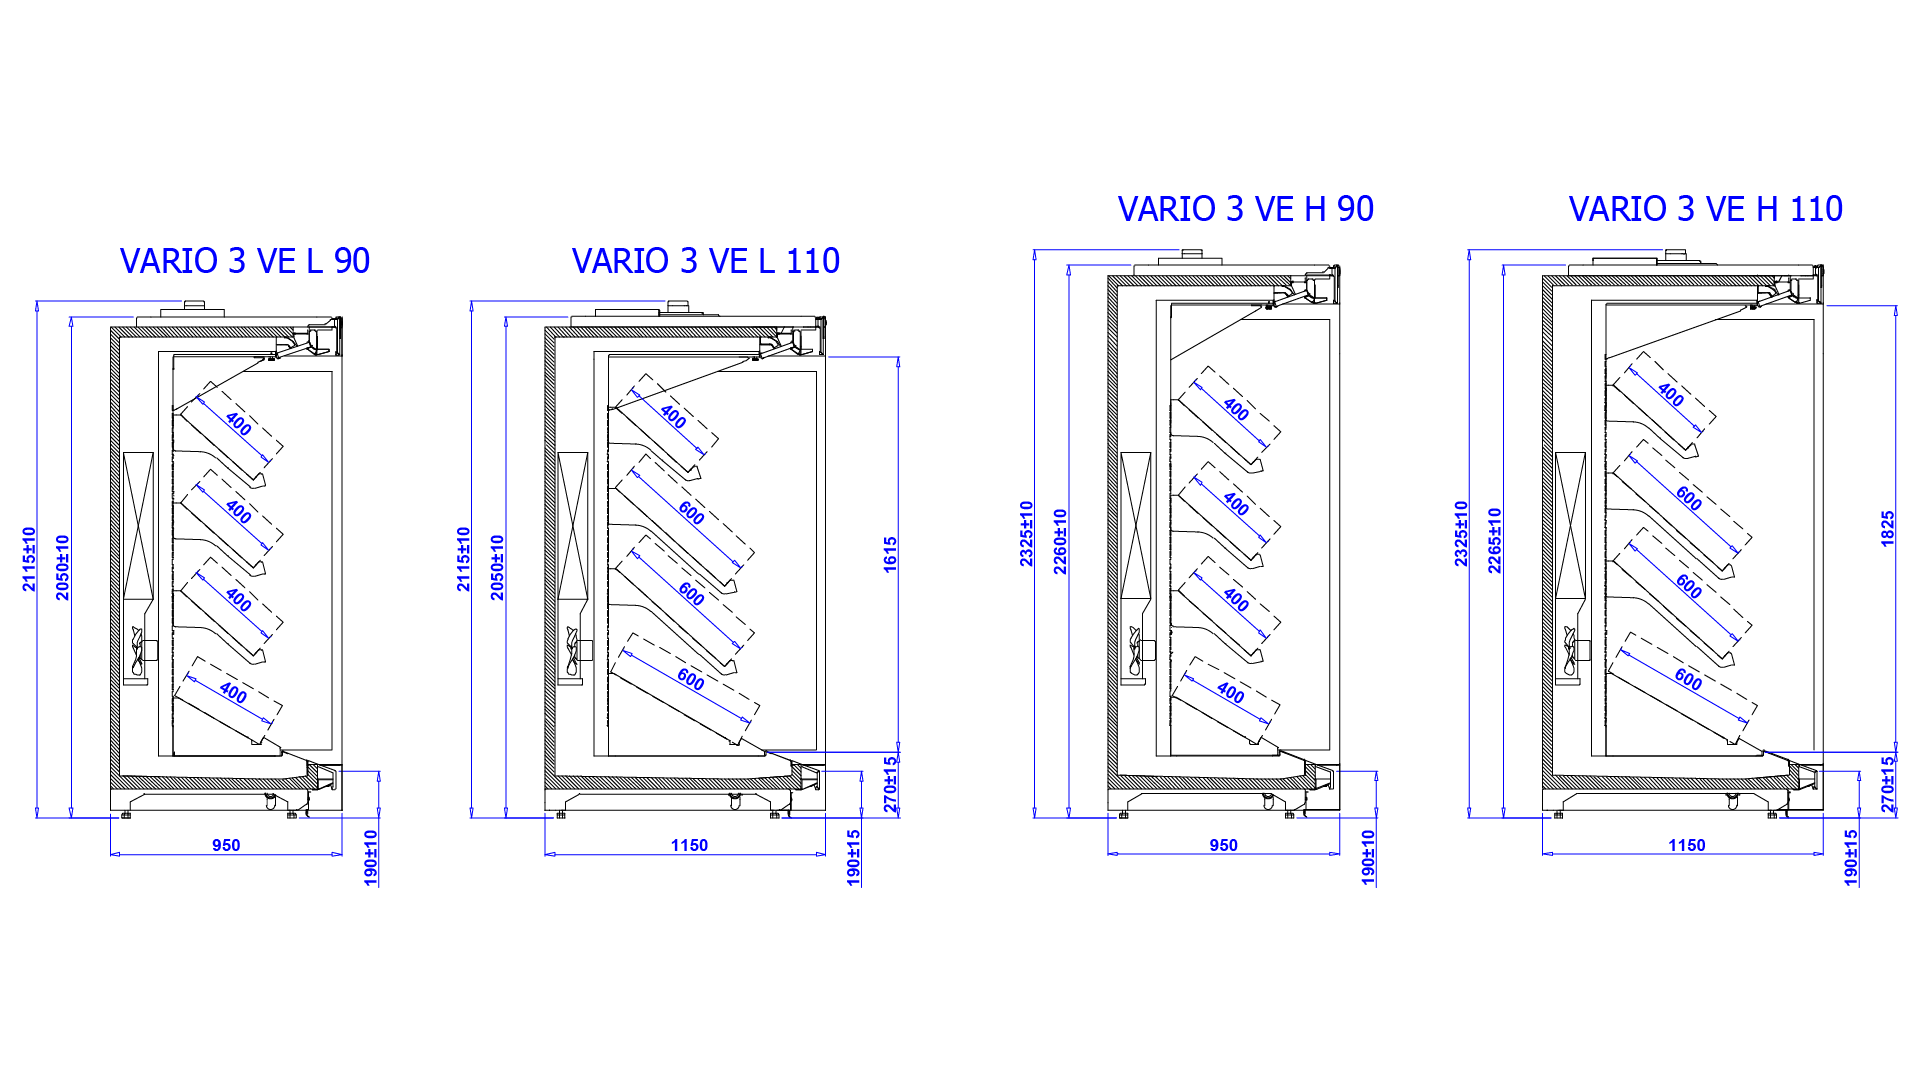 Technische Bezeichnung VARIO 3 VE